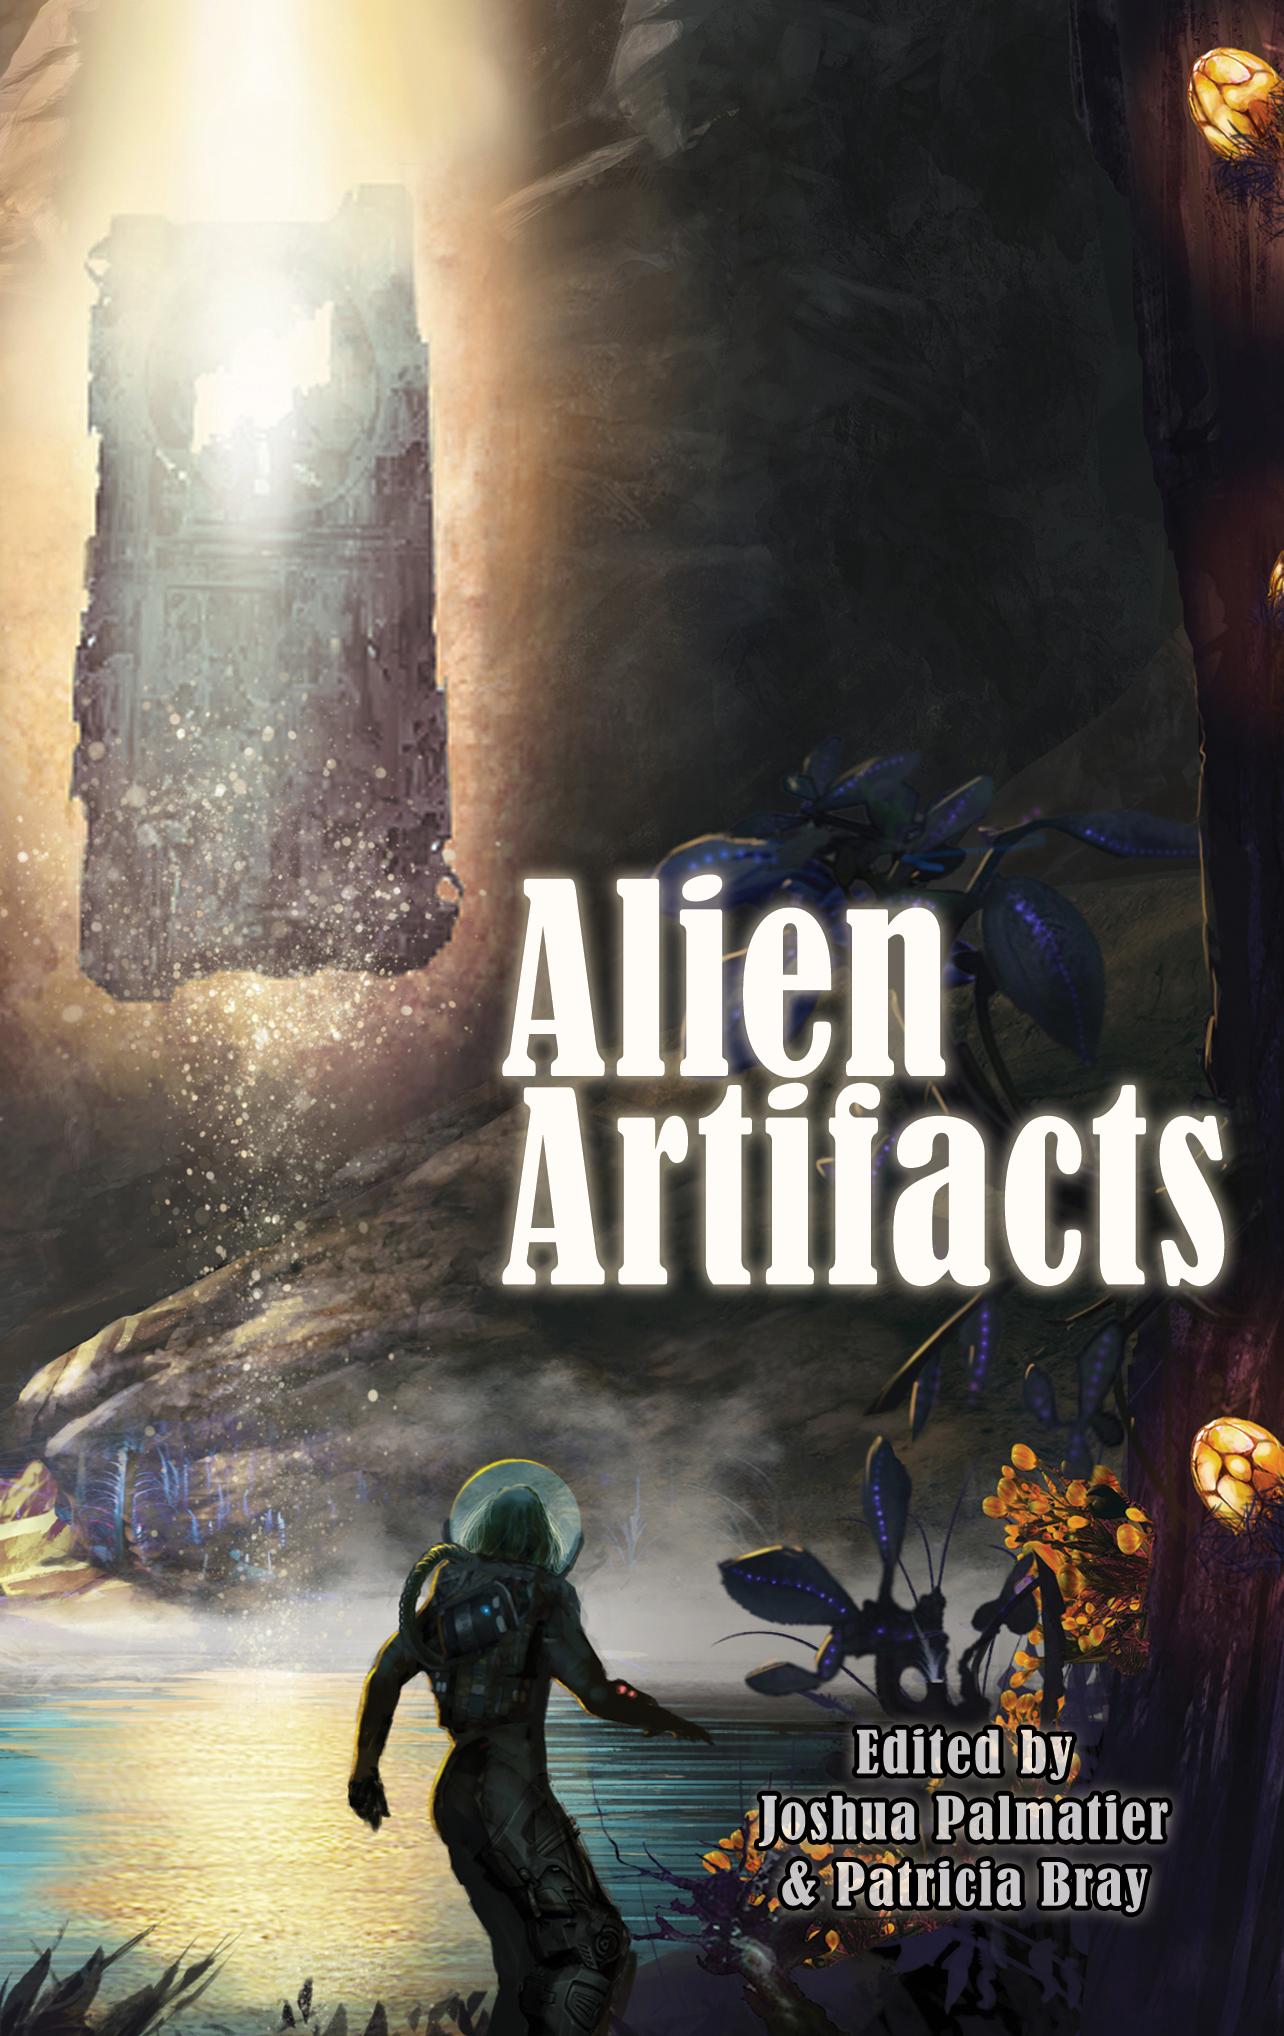 Alien Artifacts, 2016